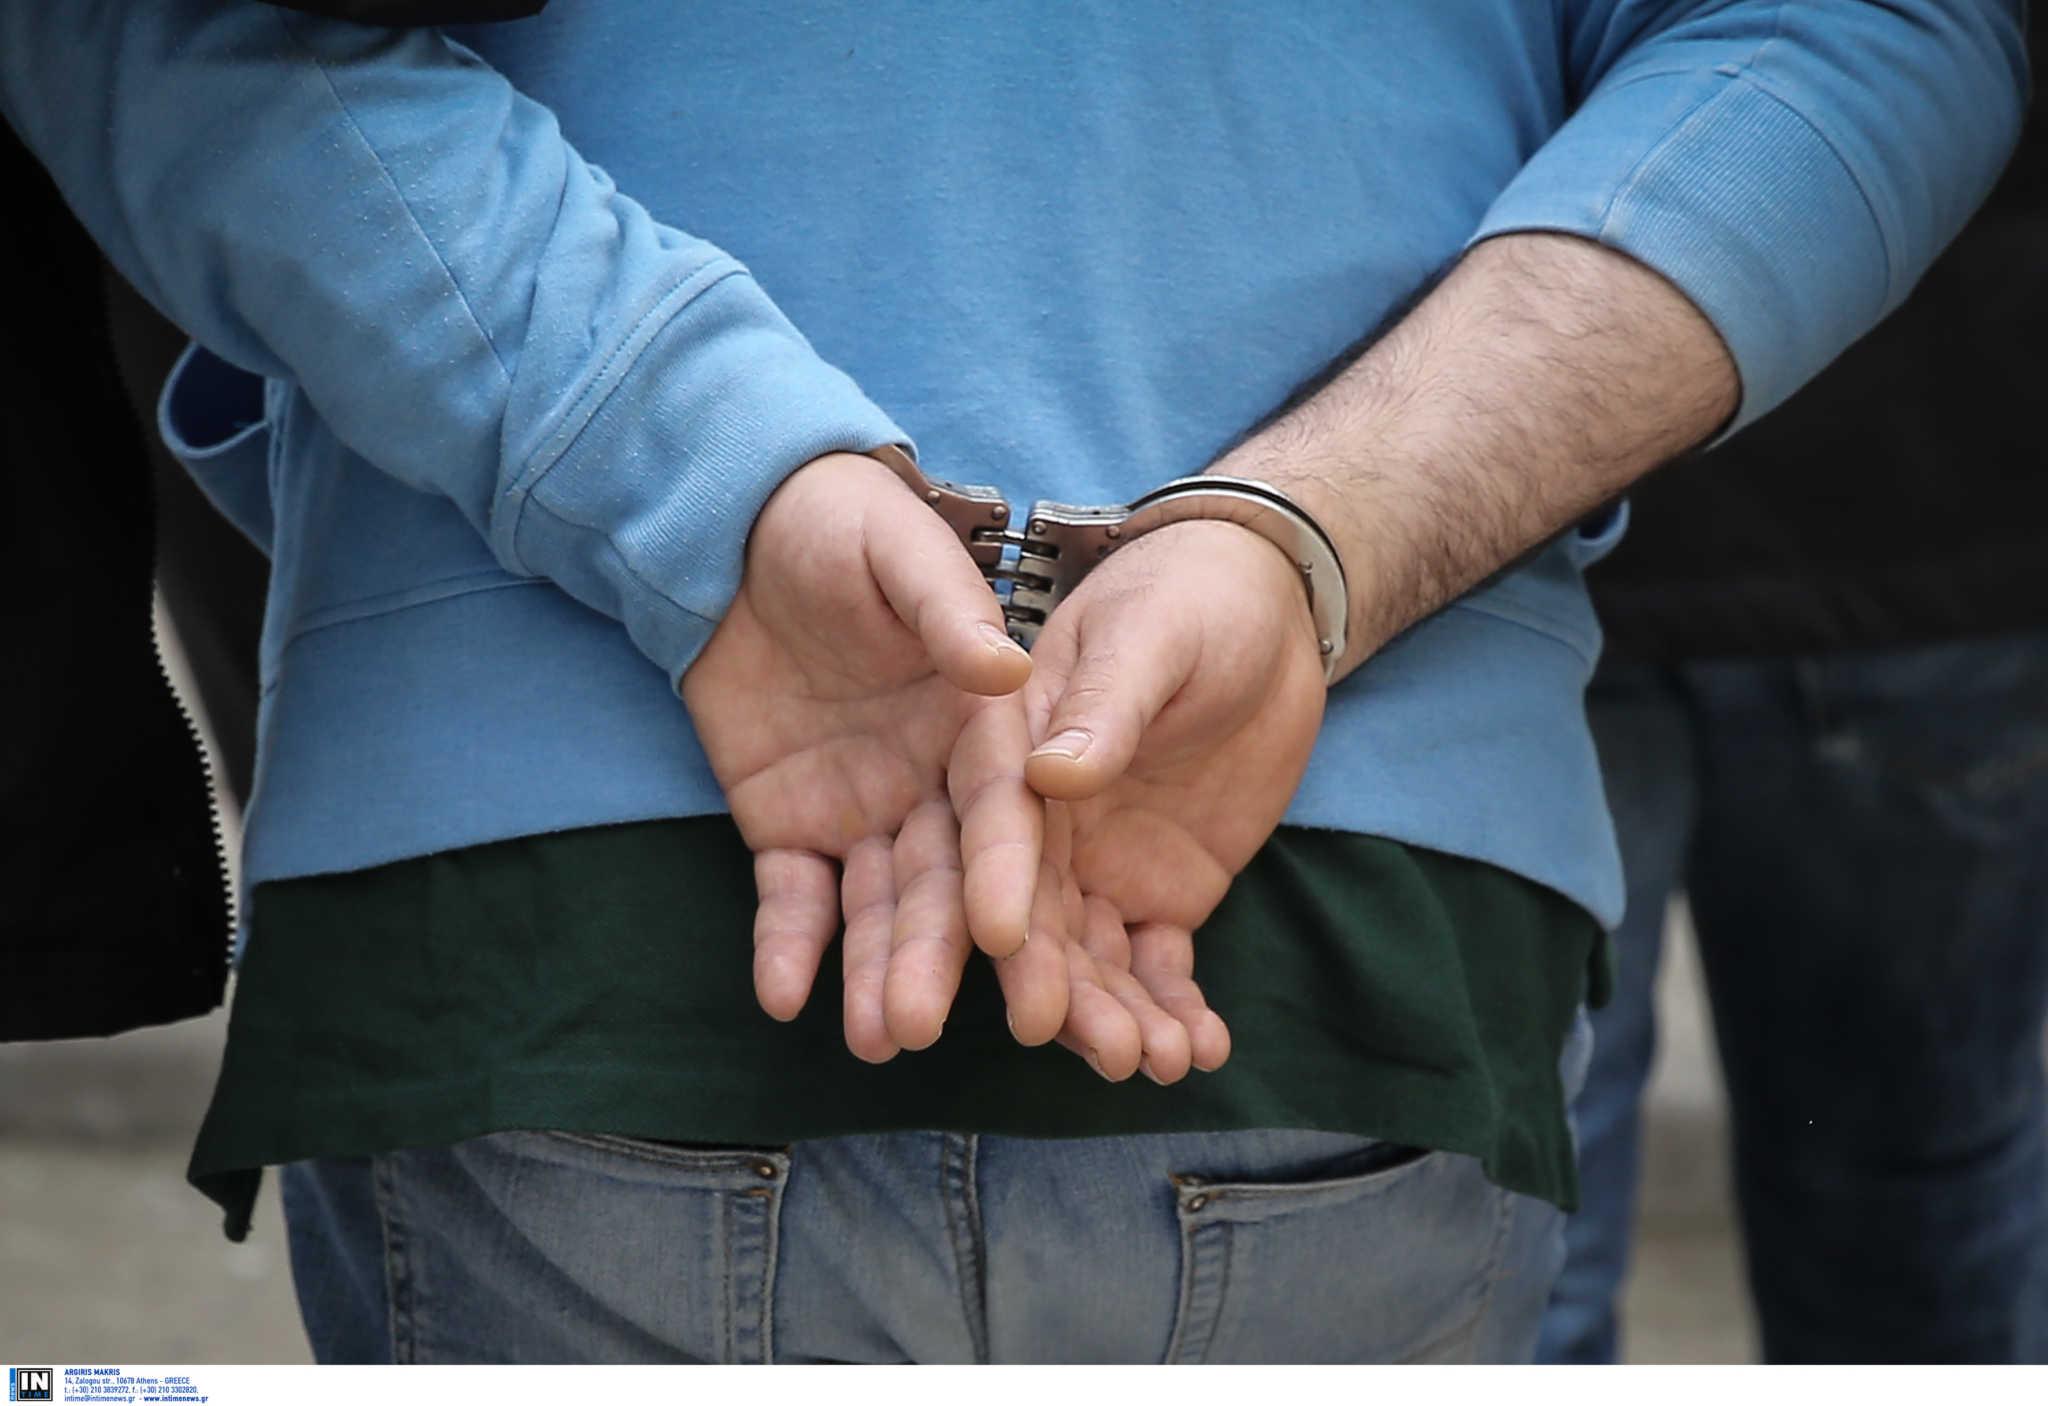 Ρόδος: Η αποθήκη του παράνομου τζόγου – Μαύρη νύχτα για τους τζογαδόρους που ρίσκαραν